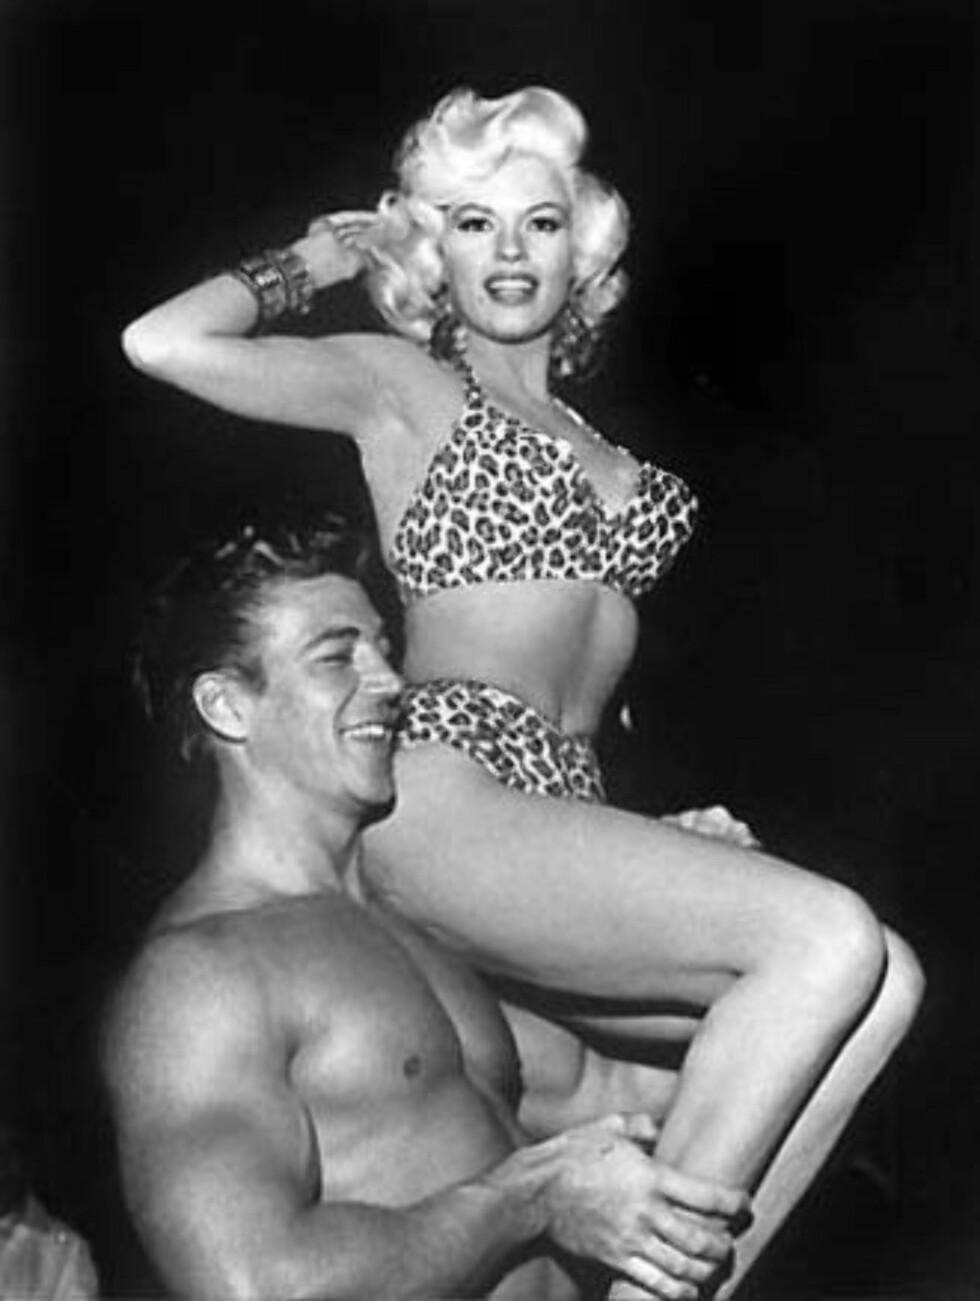 2. Jayne MansfieldHun var ikke en av de største skuespillerinnene i sin tid, men Mansfield visste å skaffe publisitet – hovedsakelig takket være sine enorme bryster. På slutten av 50-tallet, da karrieren hennes begynte å avta, arrangerte hun en rekke «tilfeldige» episoder hvor hun blottet brystene ved et uhell. Disse ble selvfølgelig alltid fanget opp av fotografer.Det mest berømte tilfellet skjedde i april 1957 under et middagsselskap til ære for Sophia Loren. Bildet ble så berømt at TV-verten av «Tonight Show», Jack Paar, introduserte Mansfield som gjest i programmet ved å si: «Og her er de, Jayne Mansfield!».I løpet av puppe-PR tiden mellom september 1956 og mai 1957 var hun avbildet i hele 2500 aviser og hun hadde omtrent 122 000 linjer med avistekst skrevet om seg selv.  Foto: Wikipedia